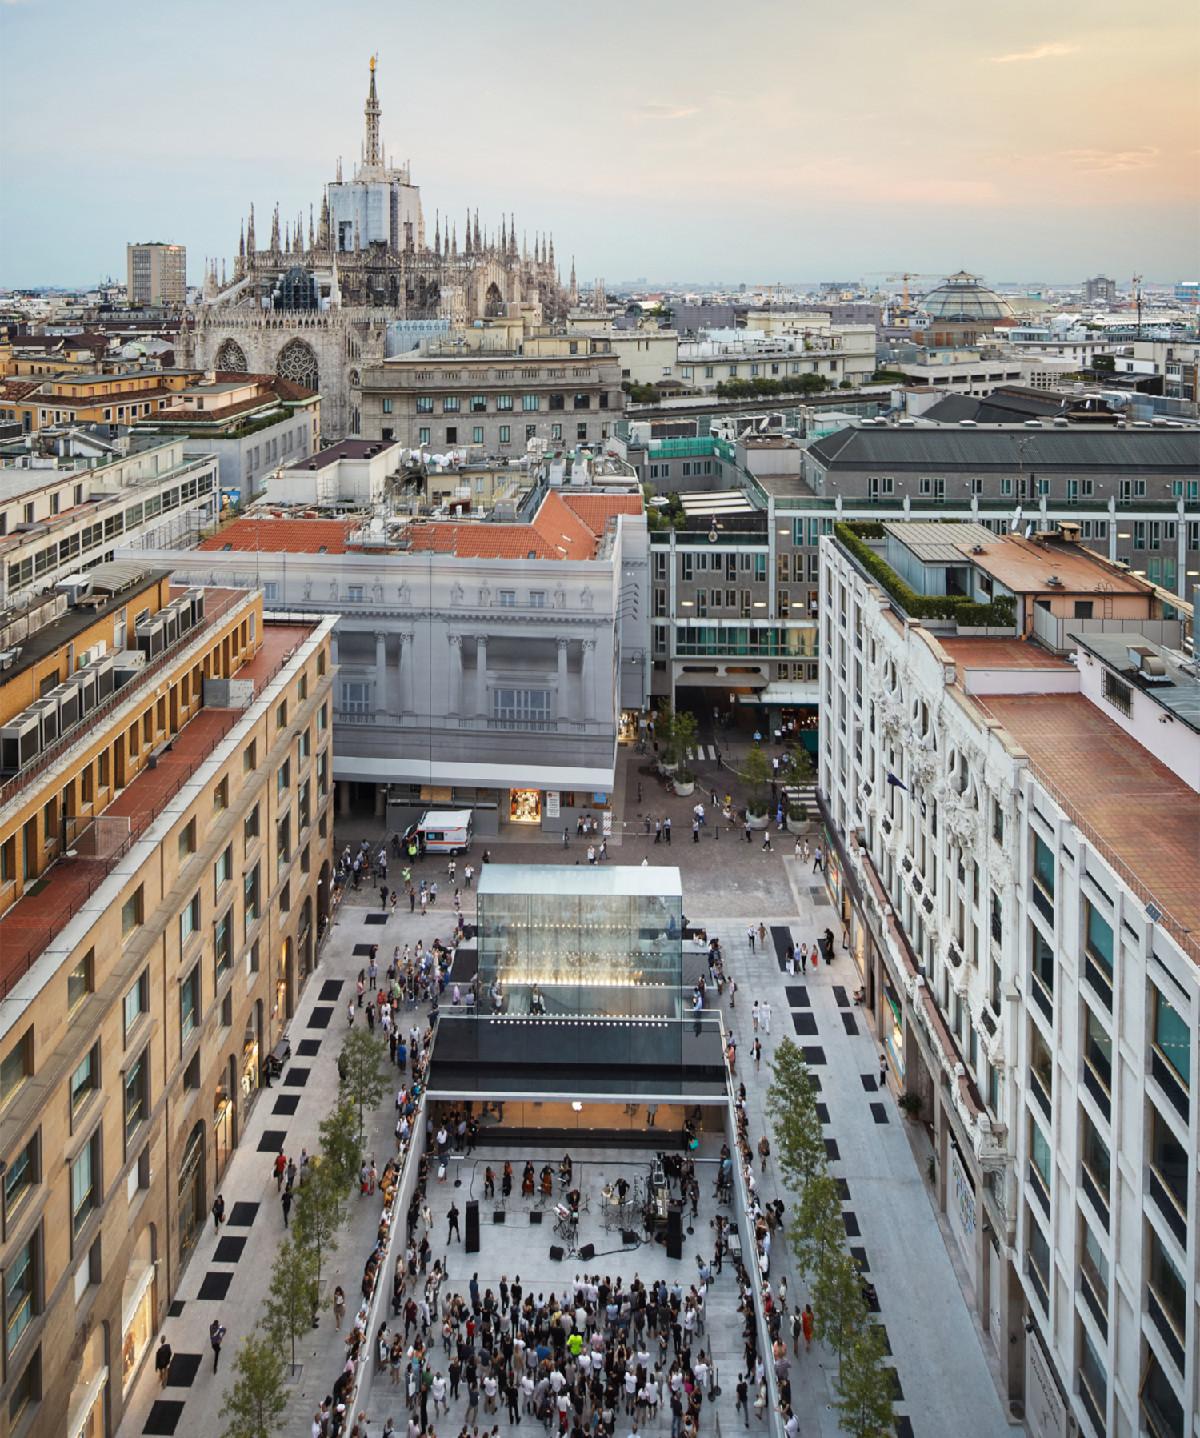 Apple Piazza Liberty se nachází v blízkostijedné z nejrušnějších ulic v Miláně Corso Vittorio Emanuel